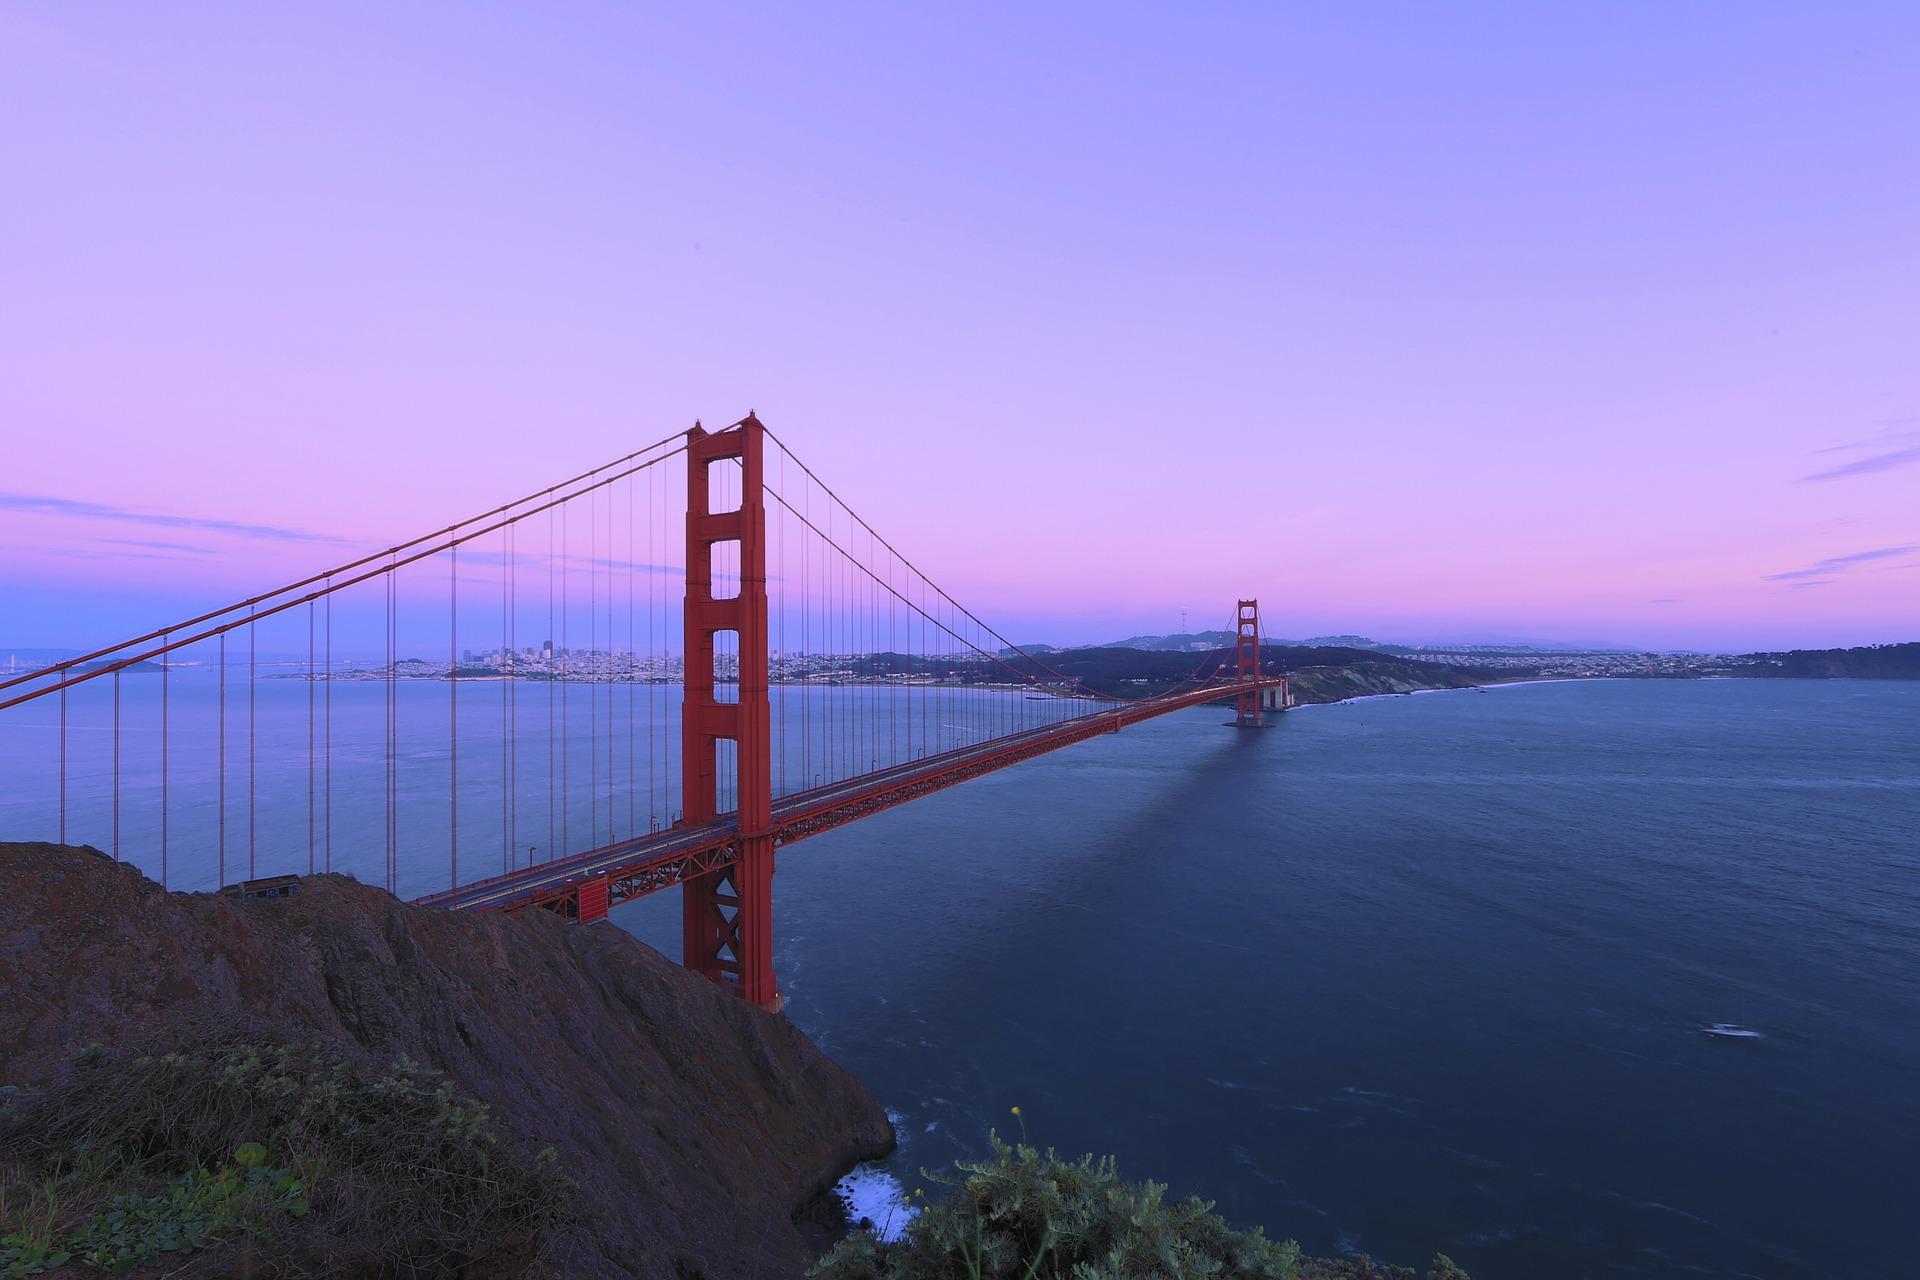 golden-gate-bridge-768481_1920.jpg